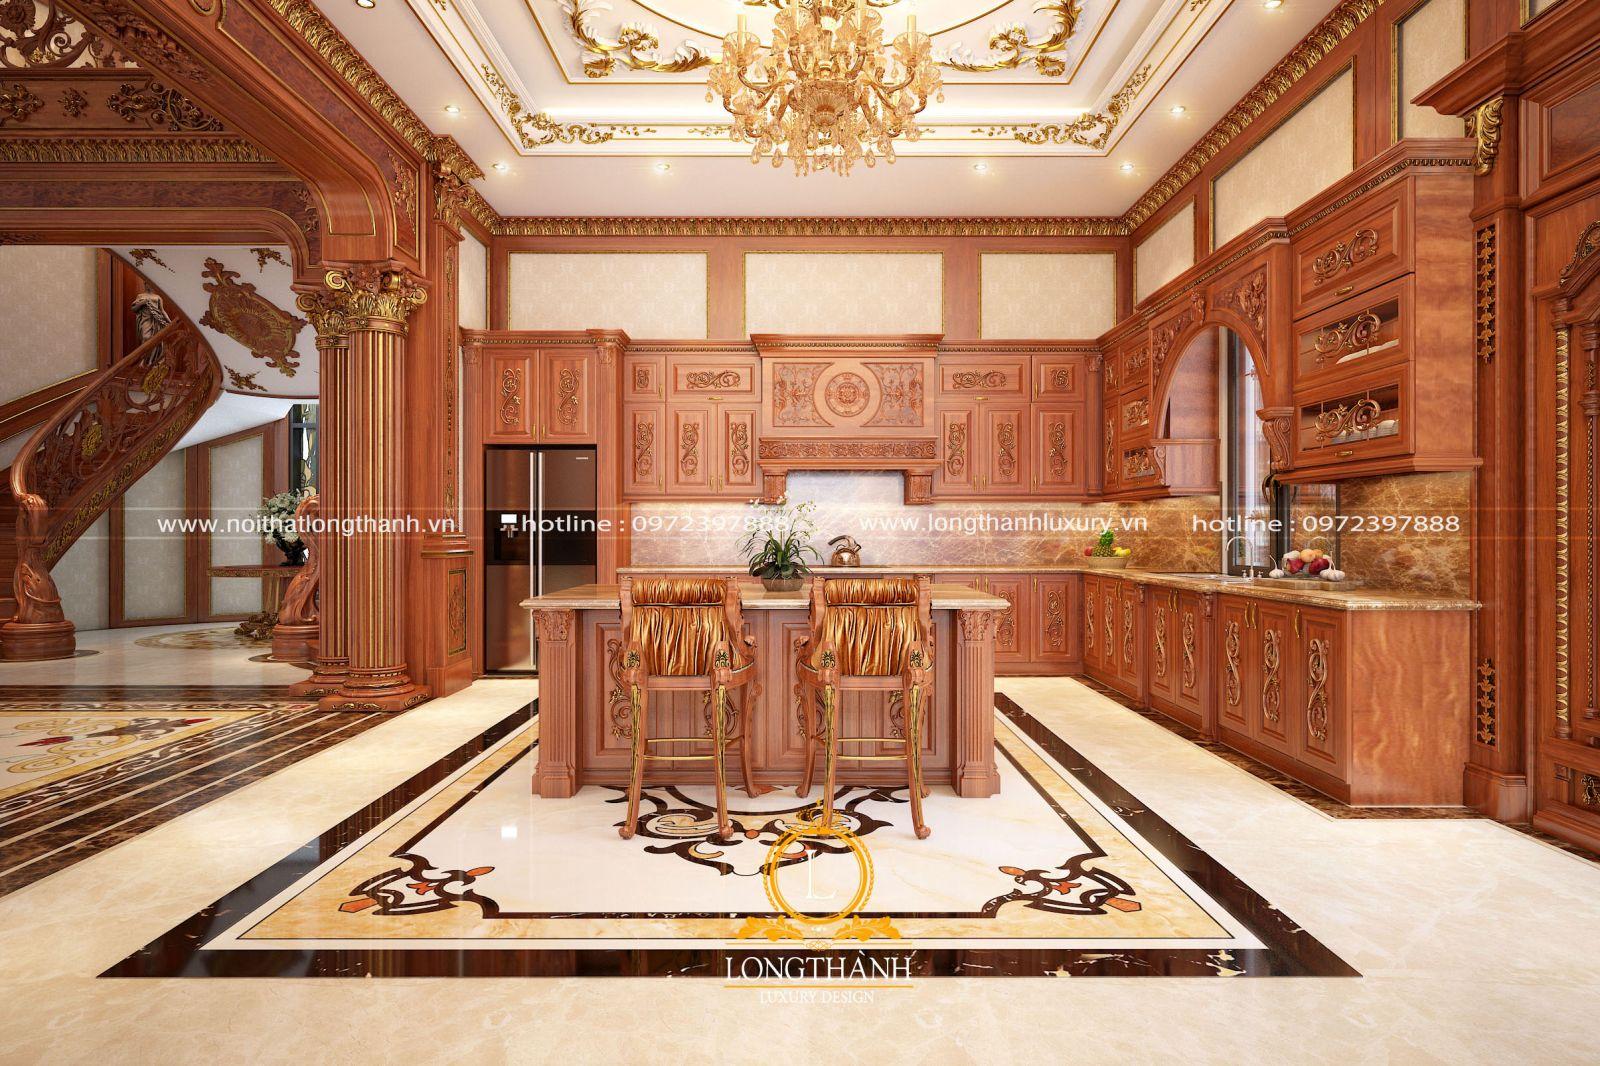 Phòng bếp tân cổ điển biệt thự